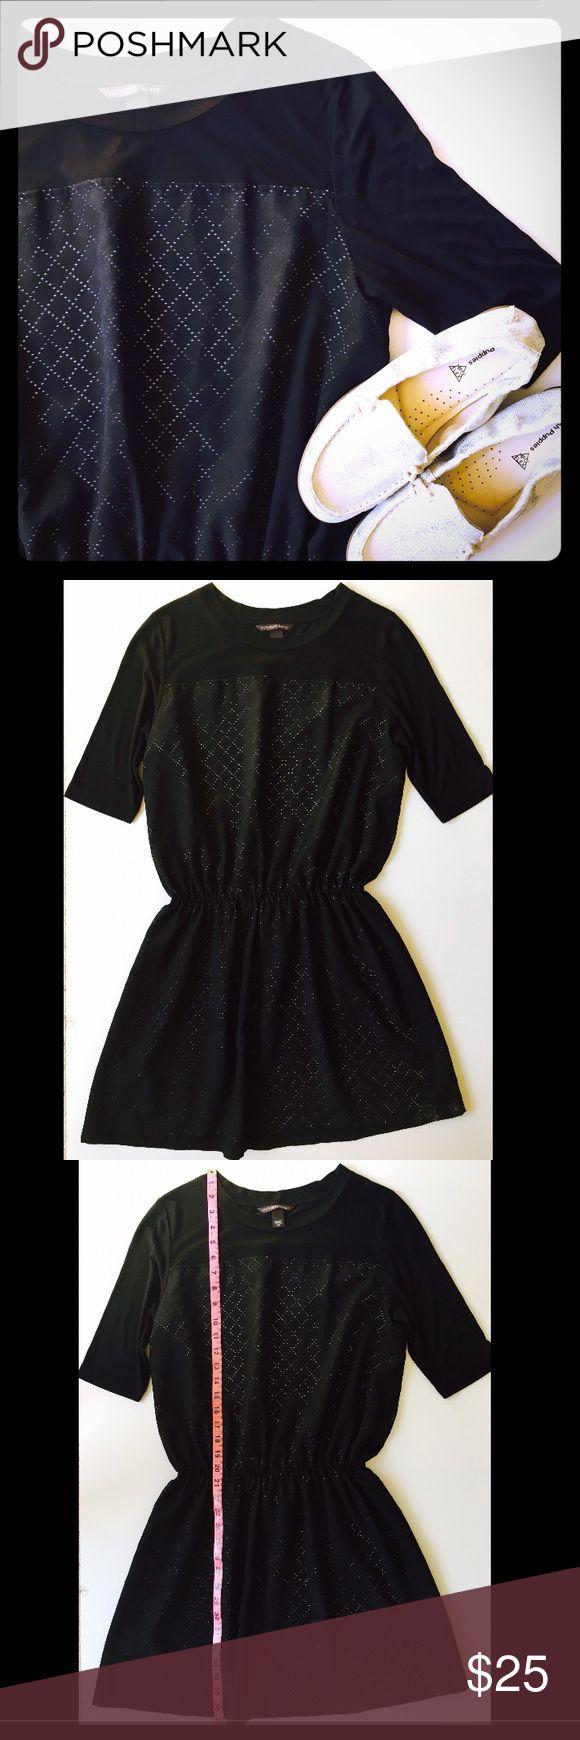 Victoria Secret Black Dress Size S This is beautiful Victoria secret dress size S/p. Please see pictures for measurements. Victoria's Secret Dresses Mini